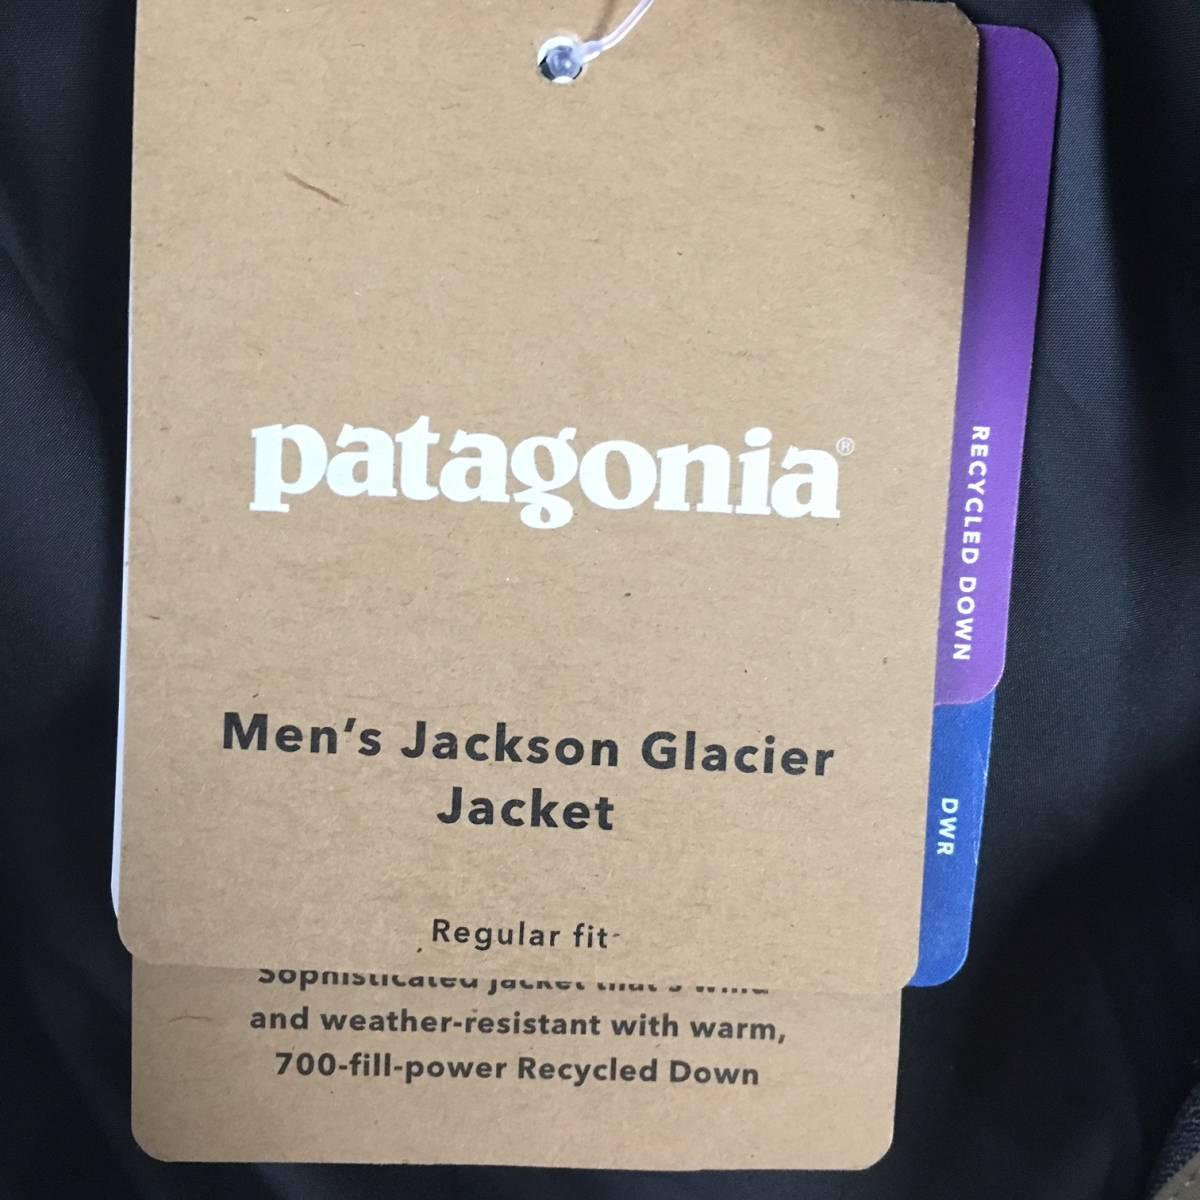 最高級 Patagonia Men's Jackson Glacier Jacket パタゴニア メンズ ジャクソン グレイシャー ジャケット 2018FA XL (USサイズ) SEMT_画像9